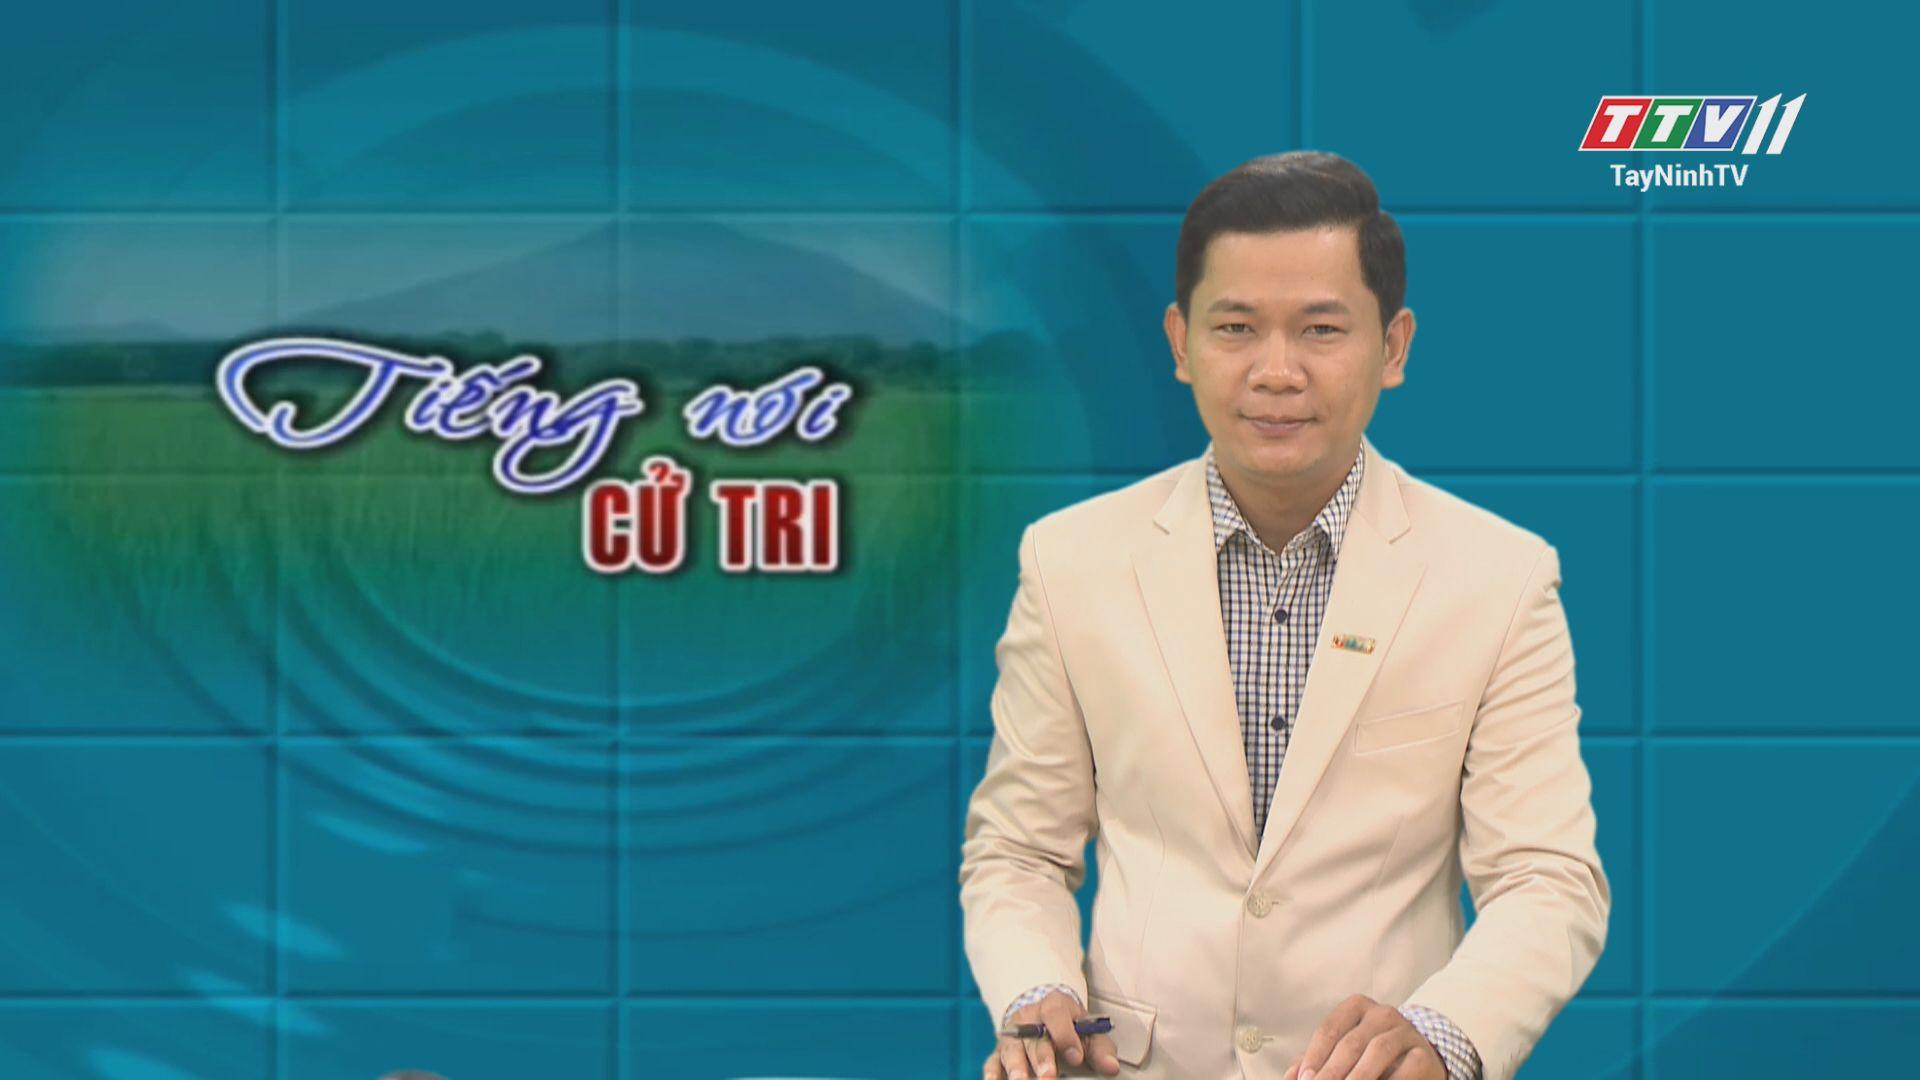 Tân Hà - Nhiều đổi thay ở một xã nông thôn mới vùng biên giới | TIẾNG NÓI CỬ TRI | TayNinhTV